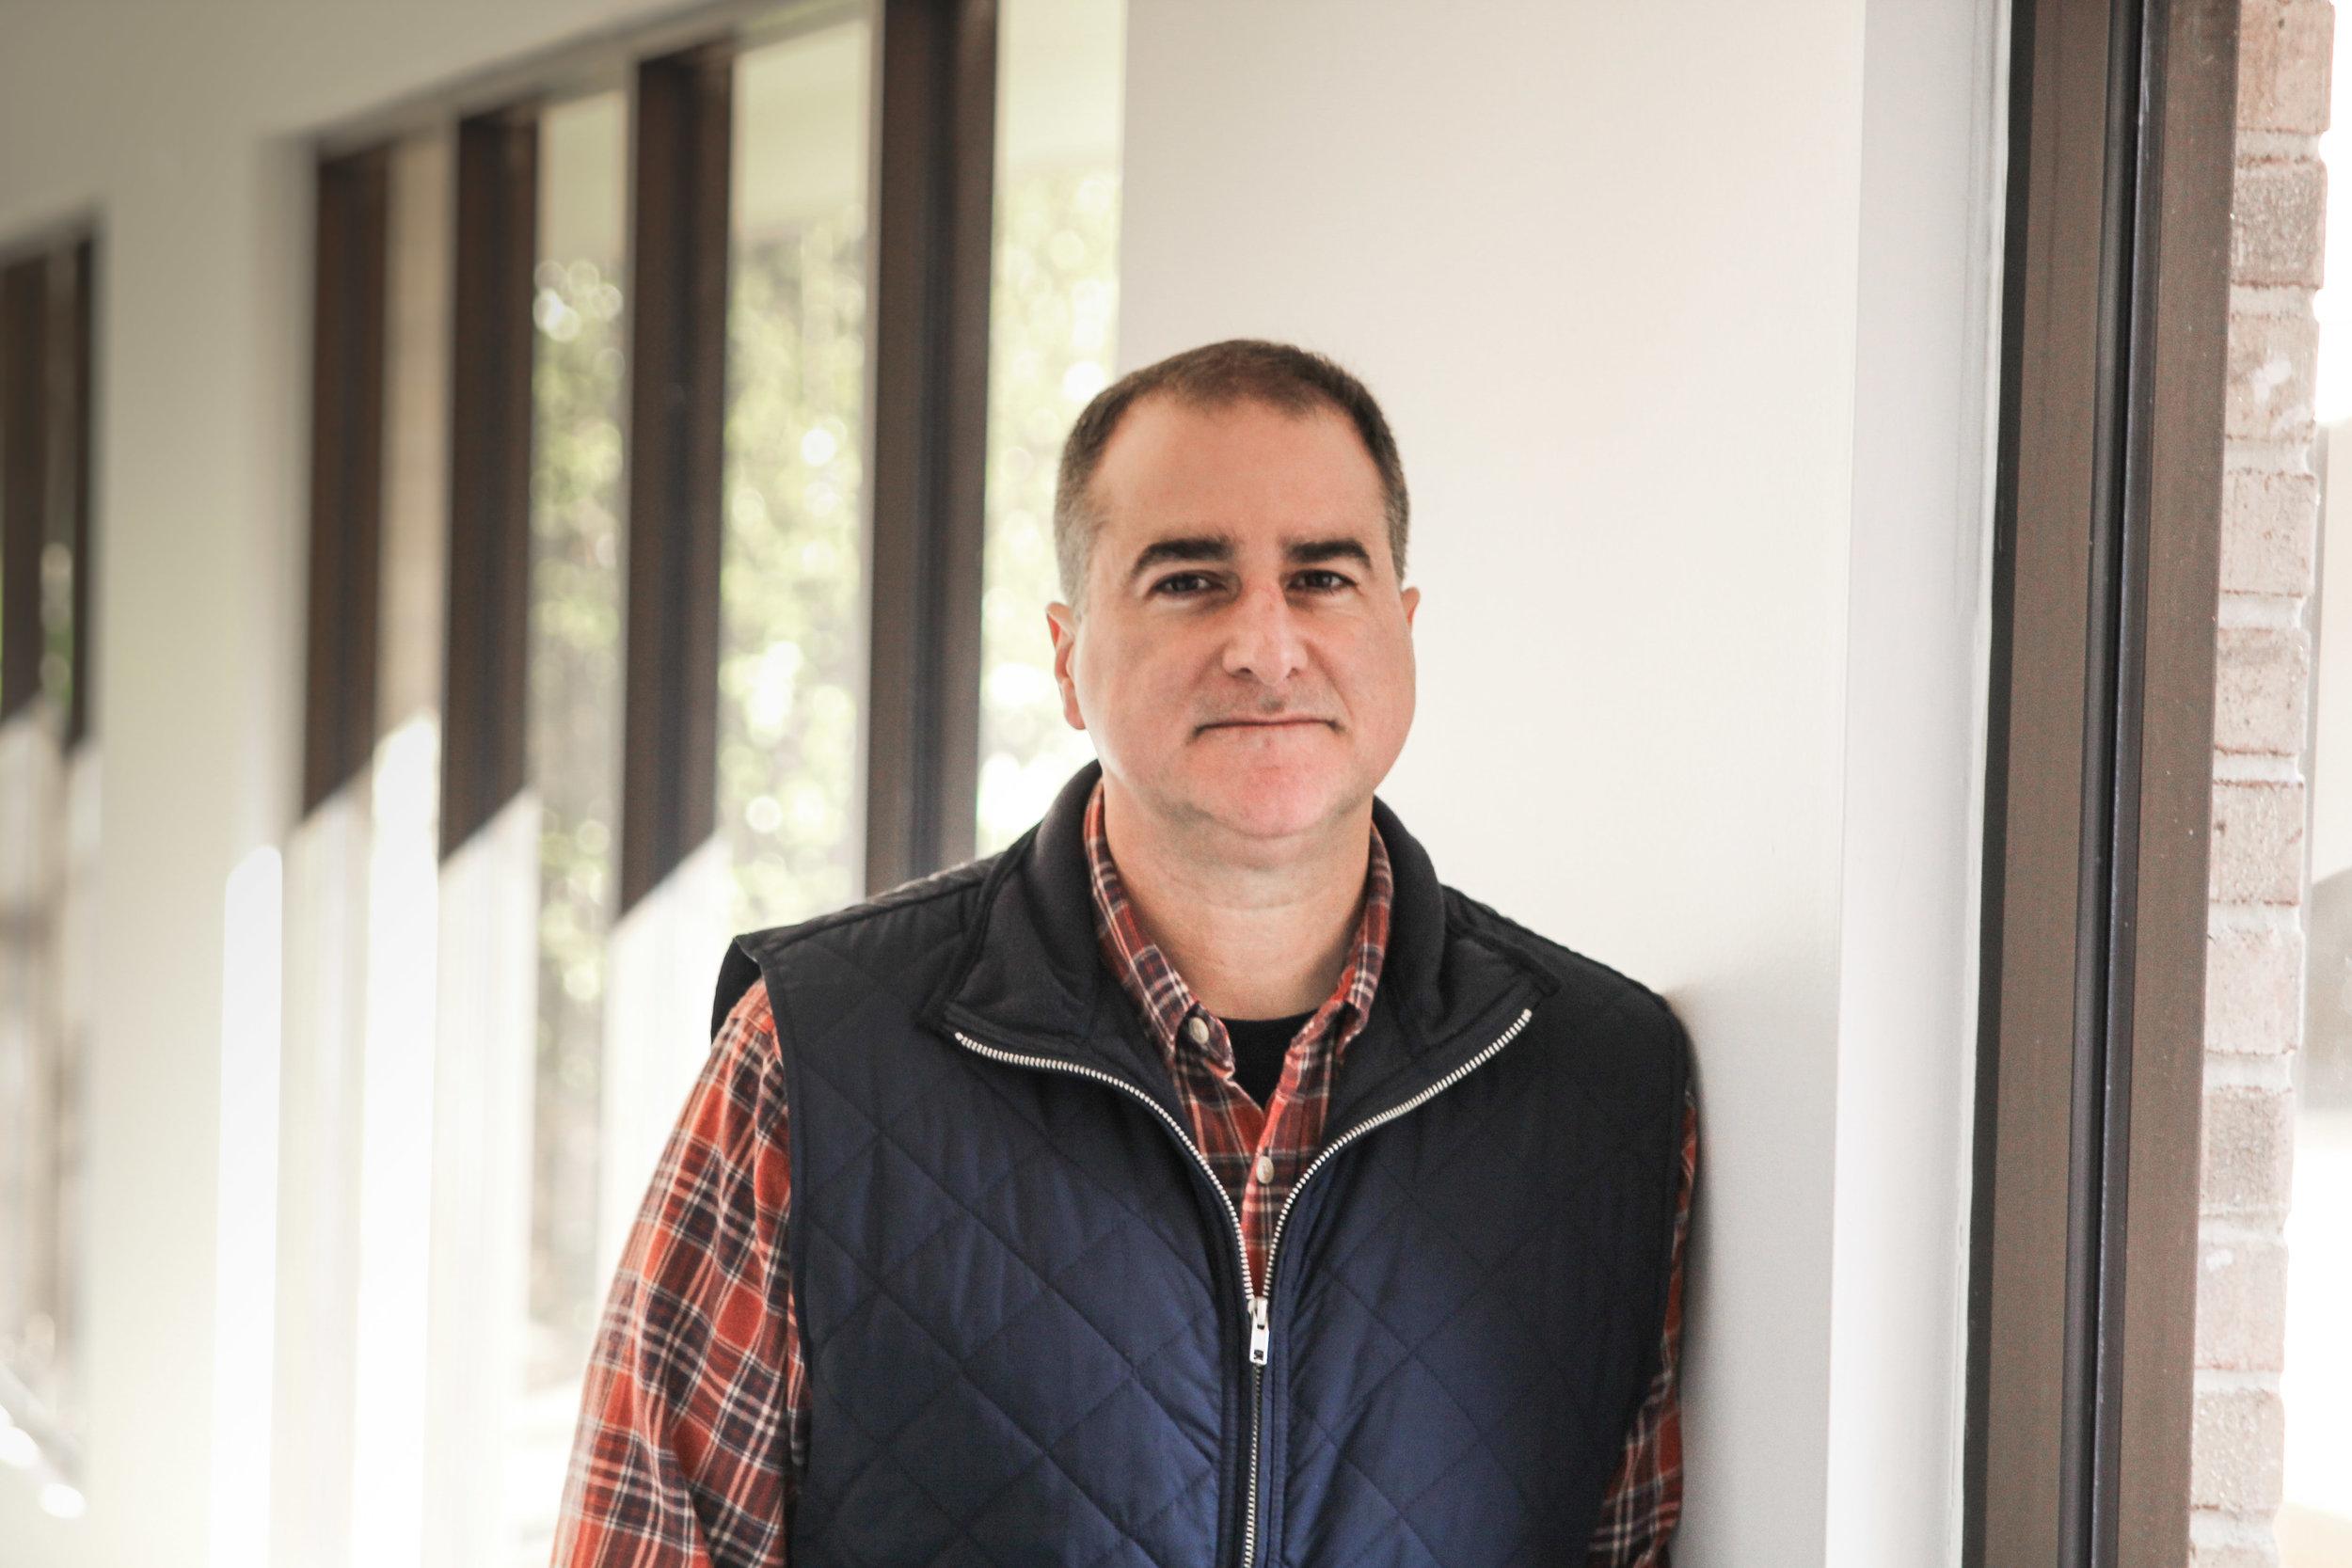 Todd garner, pastor